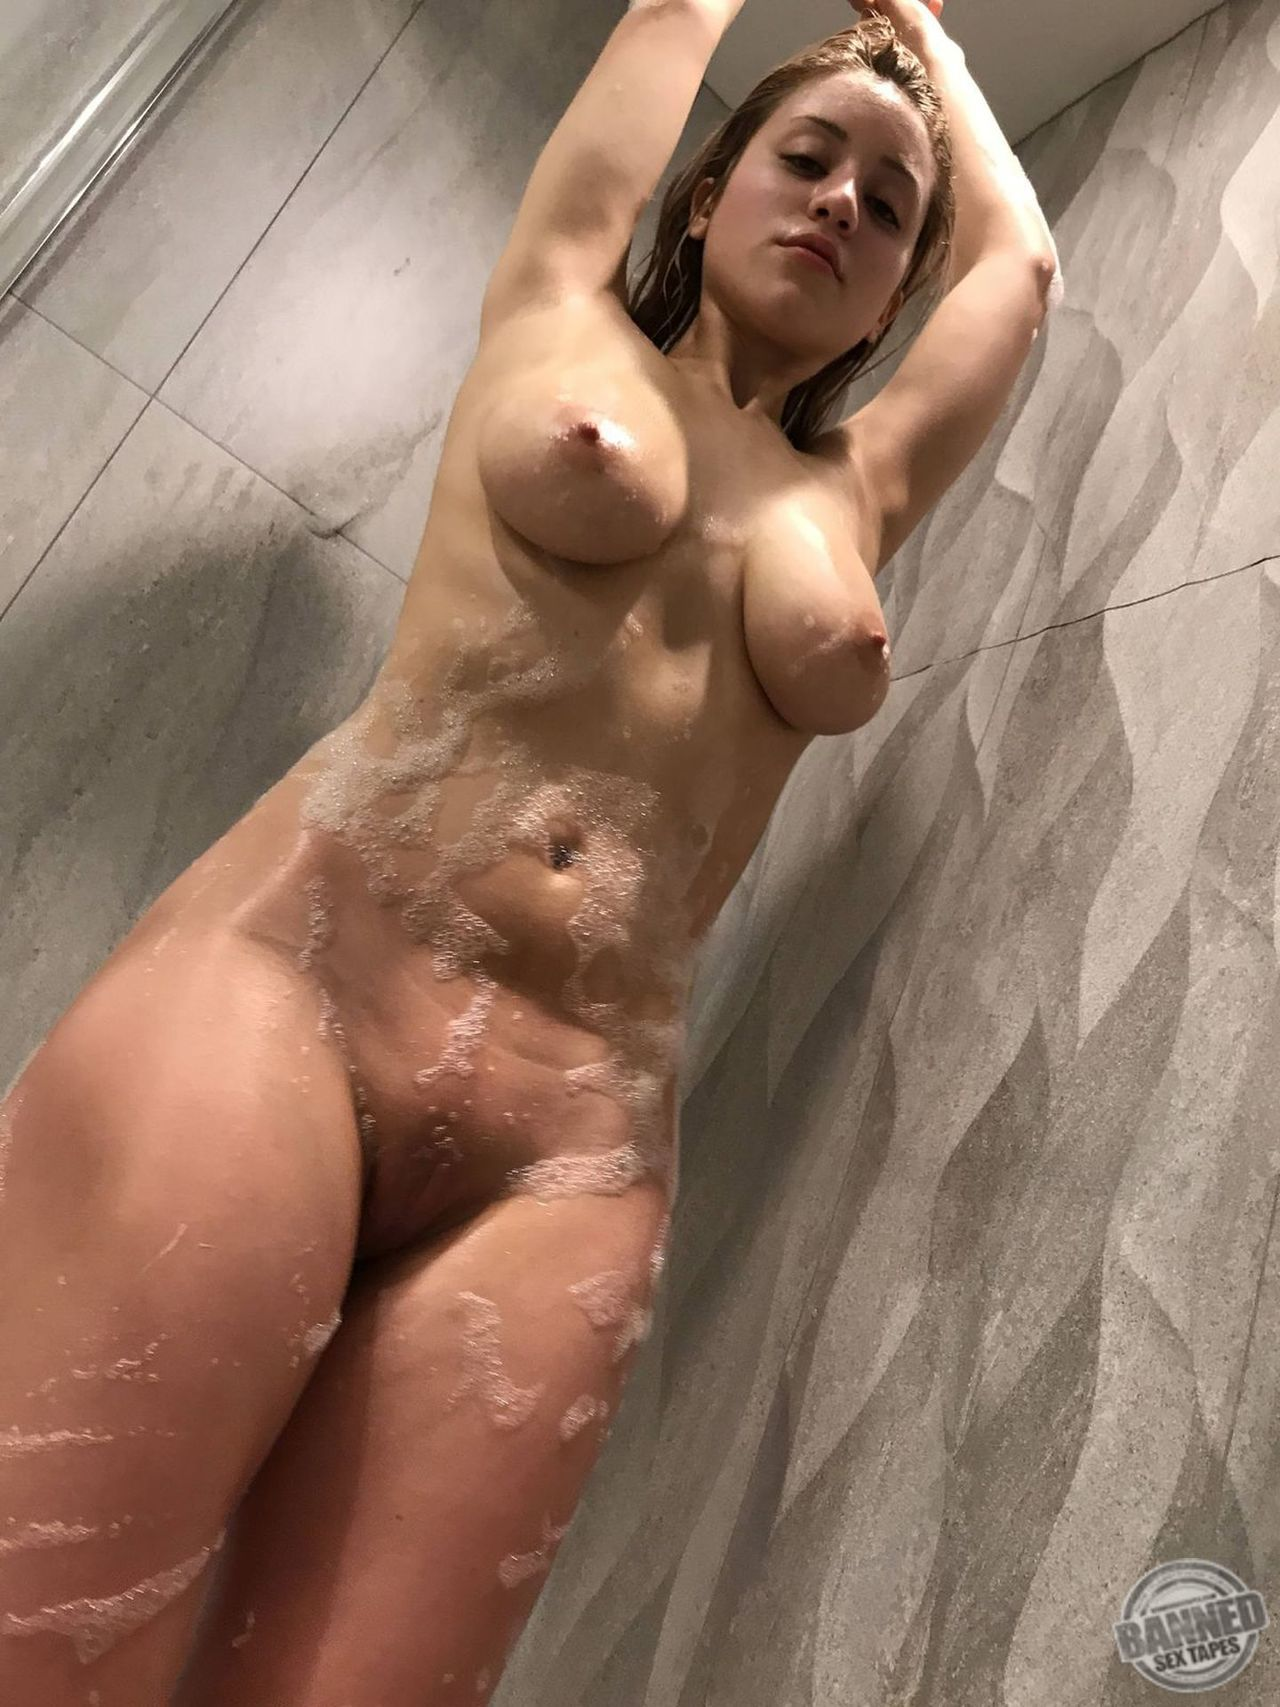 Icloud leak nude